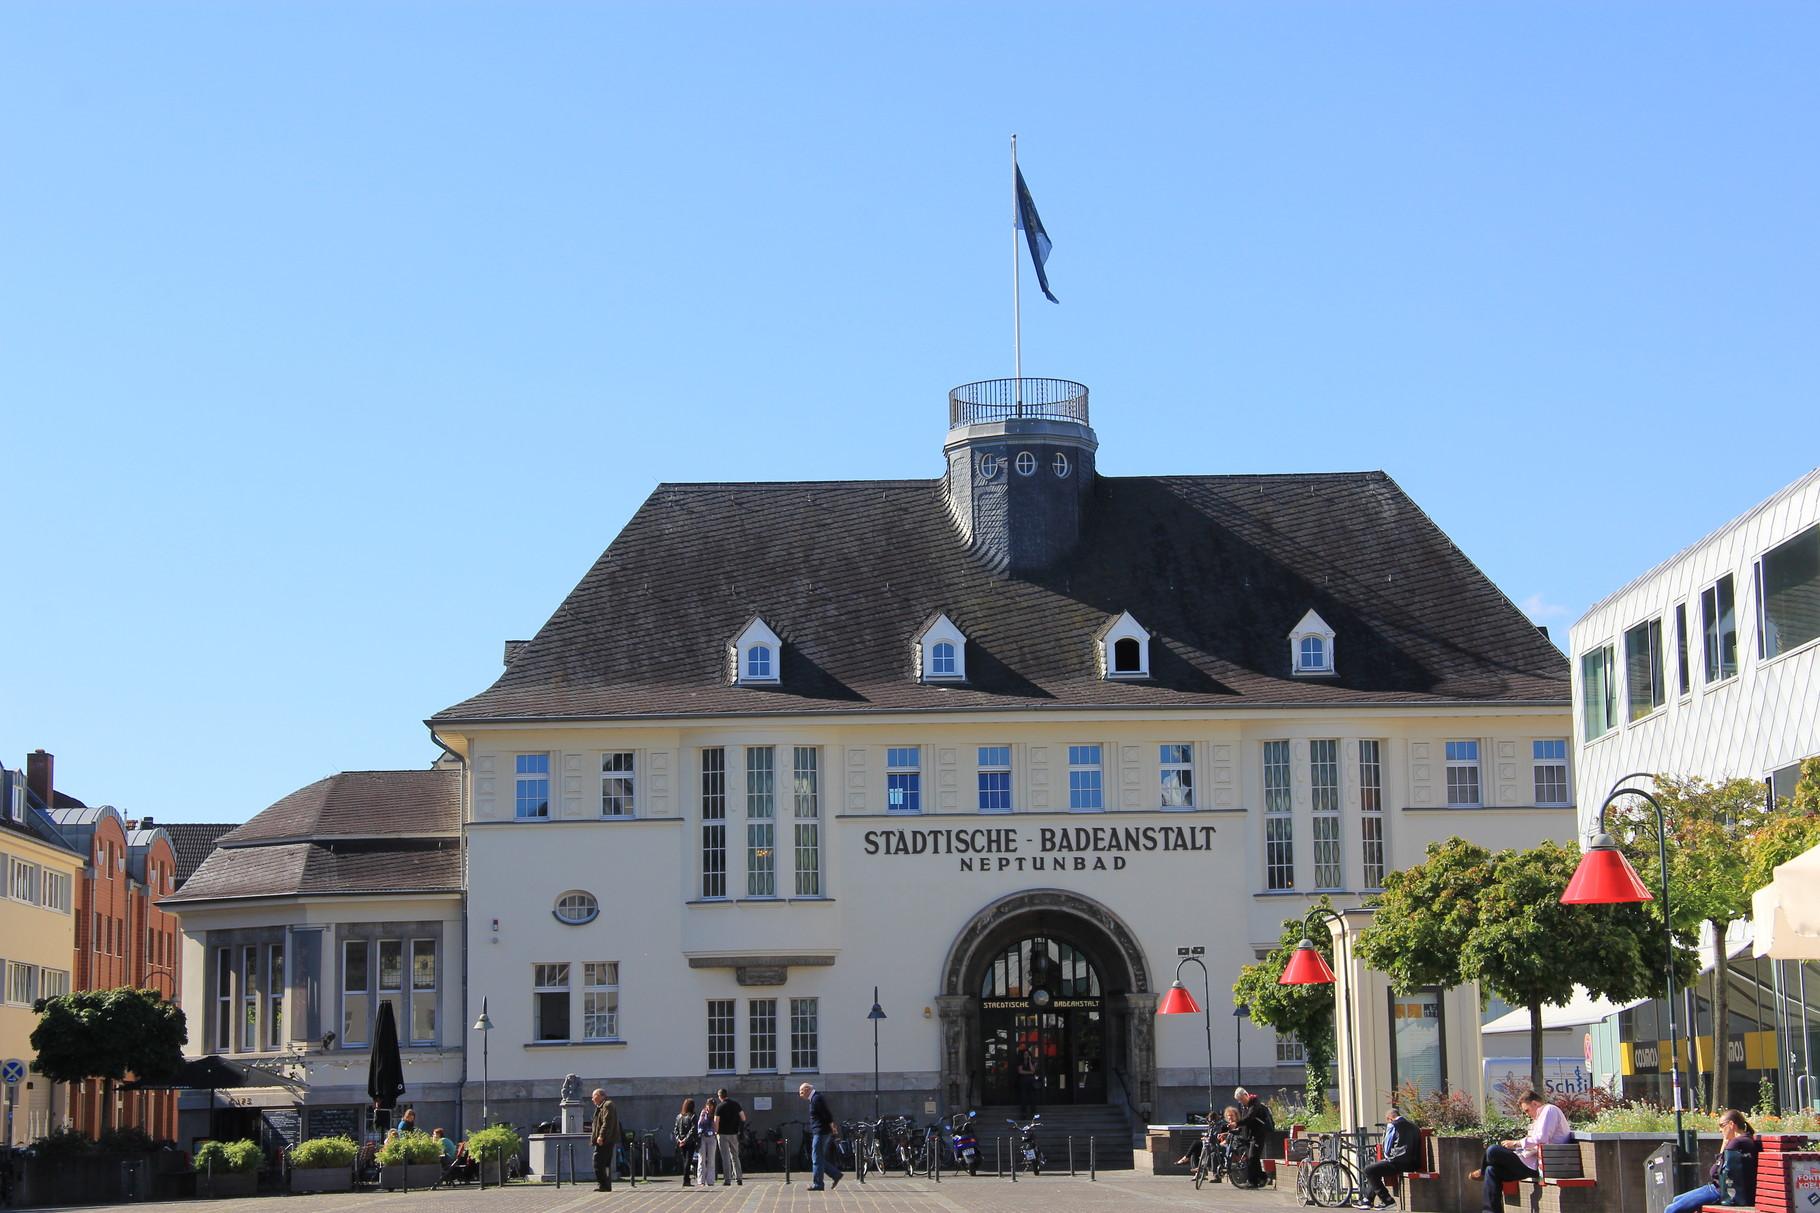 Ehrenfeld-Führung - NEPTUNBAD von 1912, dem ältesten Vorortbad Kölns